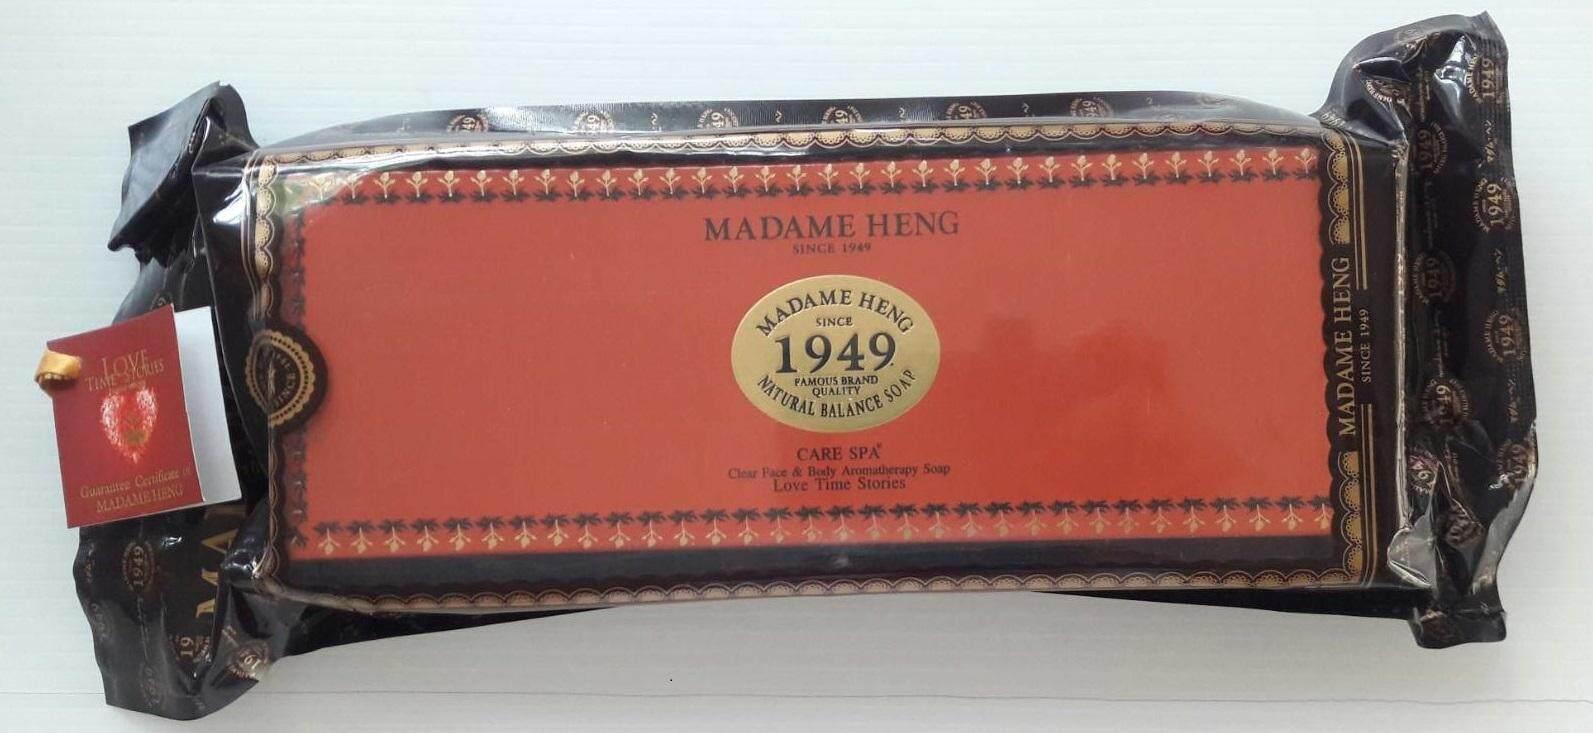 ( 3 ก้อน )Madame Heng มาดามเฮง 1949 สบู่เคลียร์ เฟส แอนด์ บอดี้ อโรมาเธอราปี Clear Face and Body Aromatherapy Soap ( 150g x 3 ก้อน)